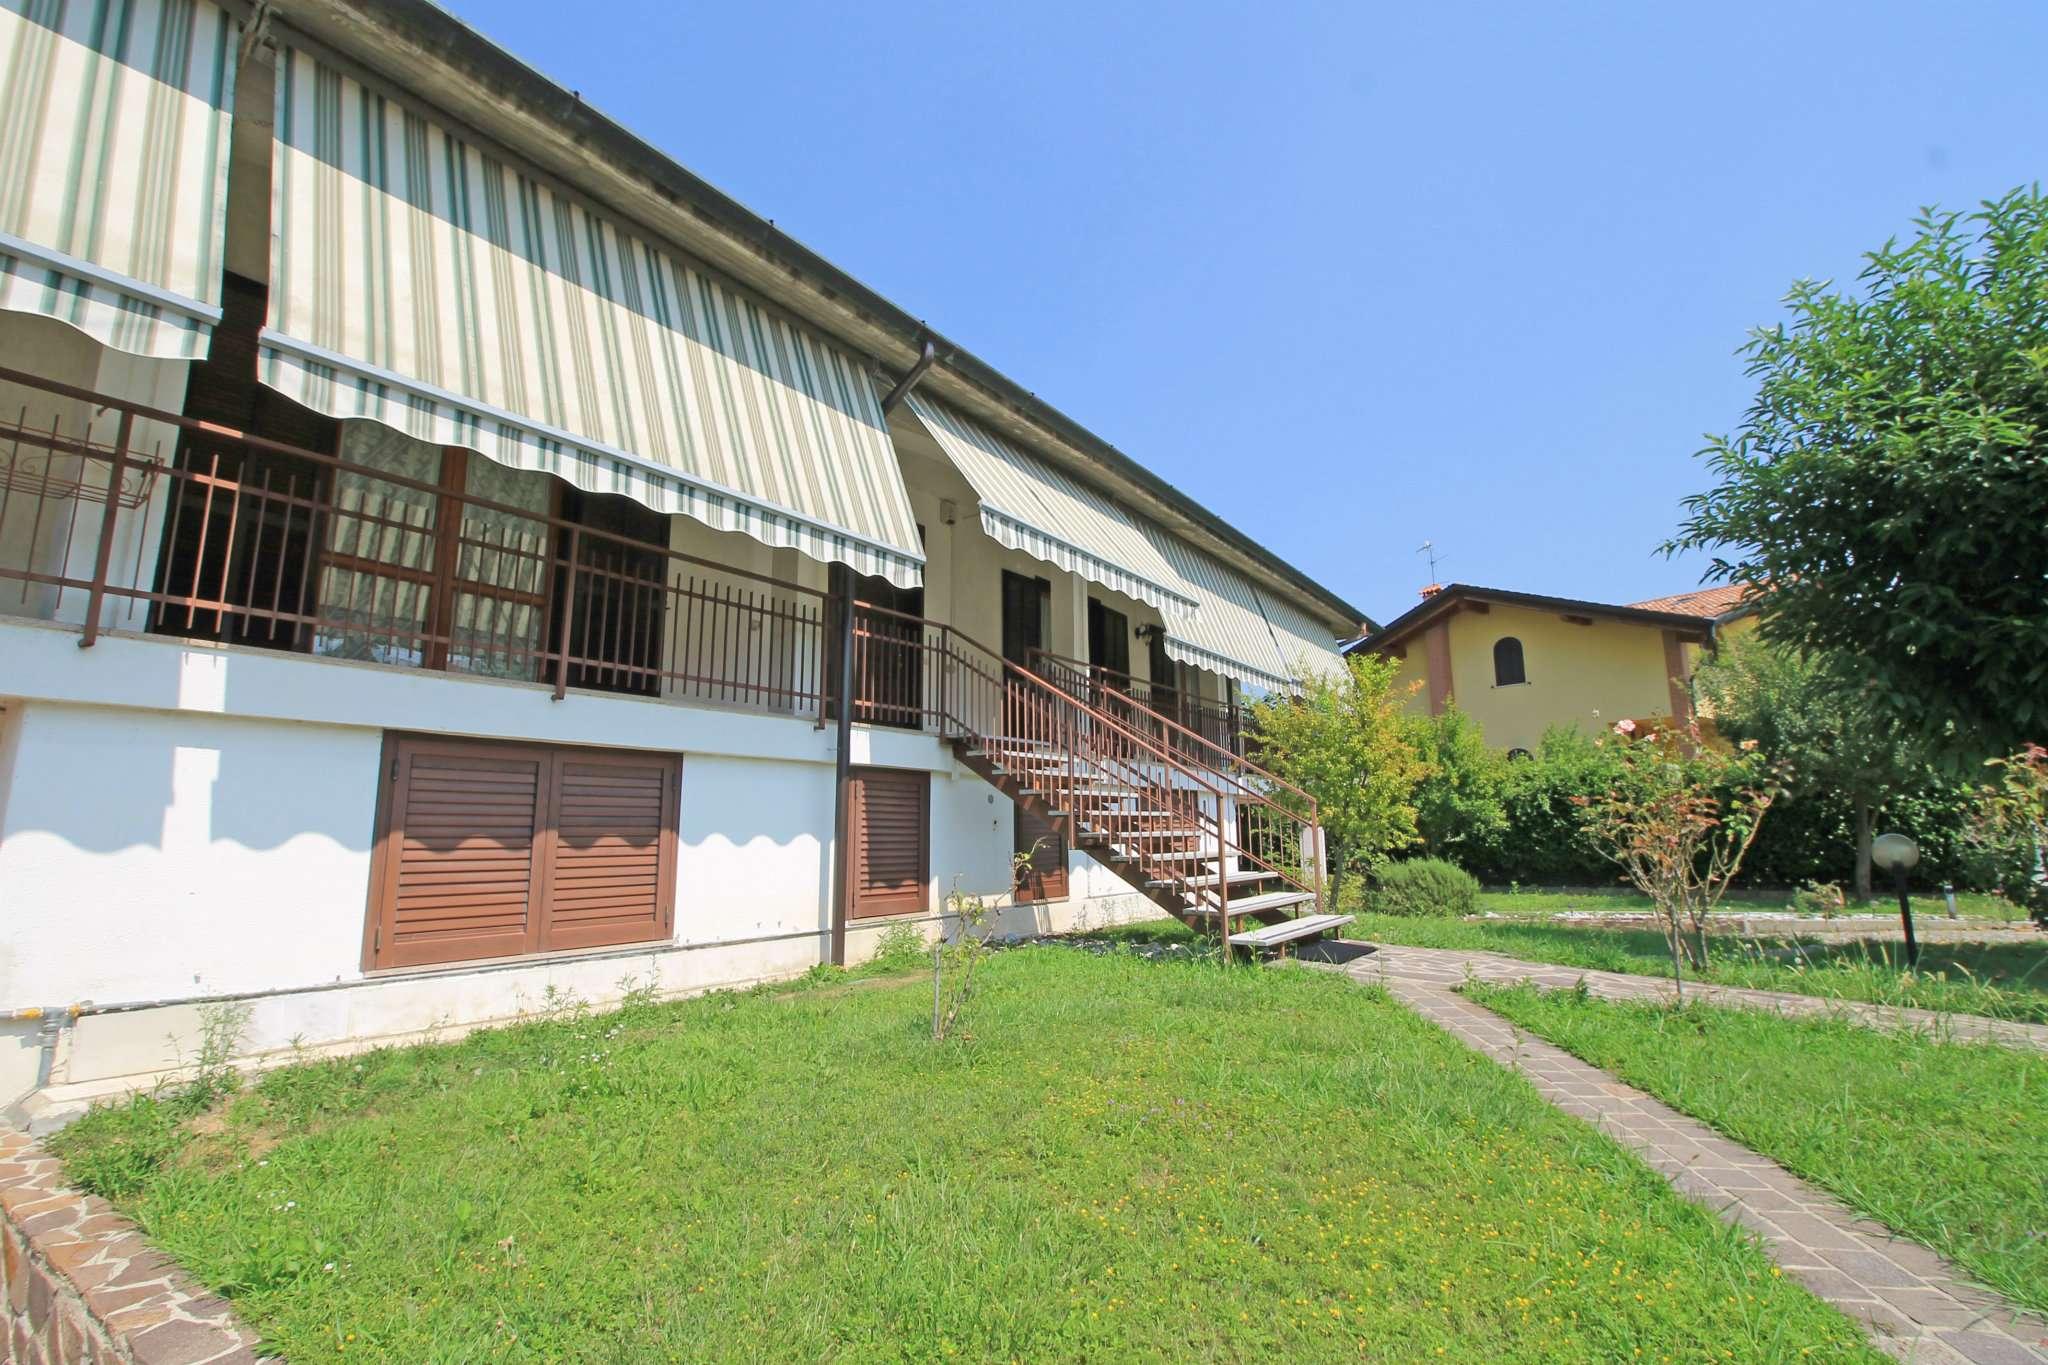 Villa in vendita a Basiano, 4 locali, prezzo € 260.000 | CambioCasa.it